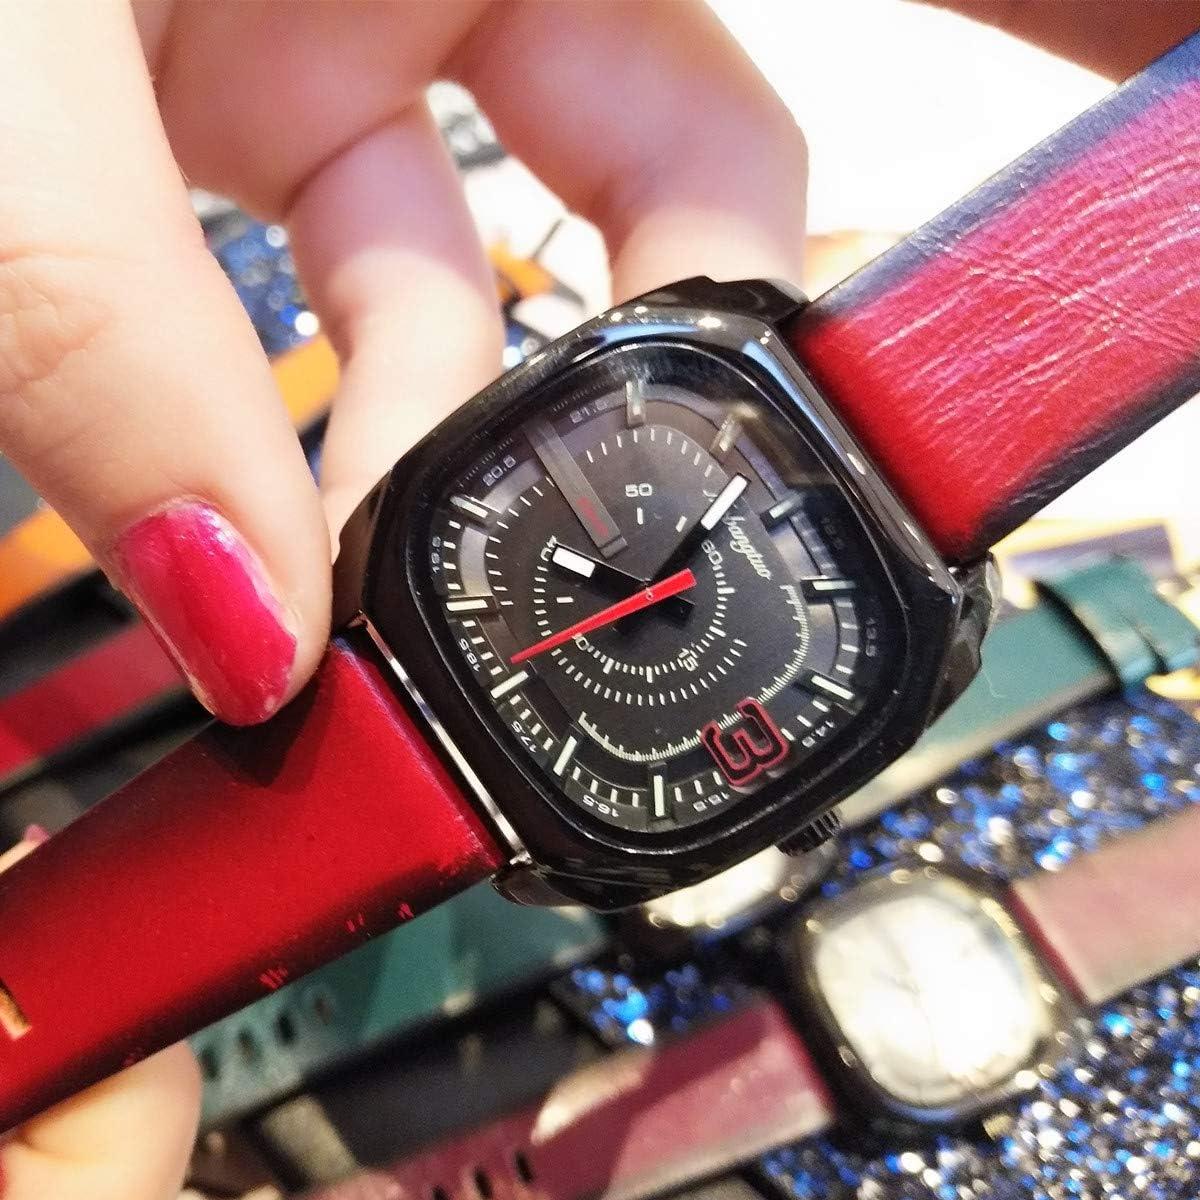 WZFCSAE Cuadrado Moda Pareja Reloj Neutro Luminoso Reloj Correa De Cuero Vintage Reloj Impermeable Rojo Grande